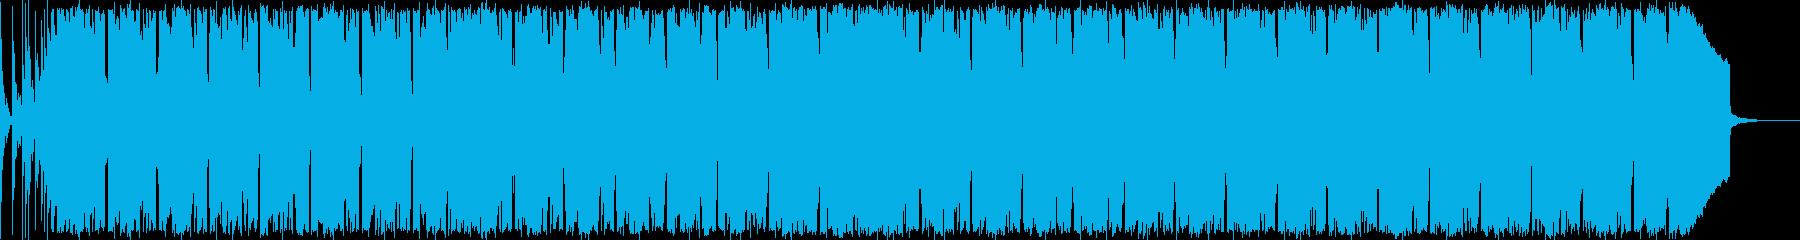 映画の盛り上がりに使えるビッグビートの再生済みの波形